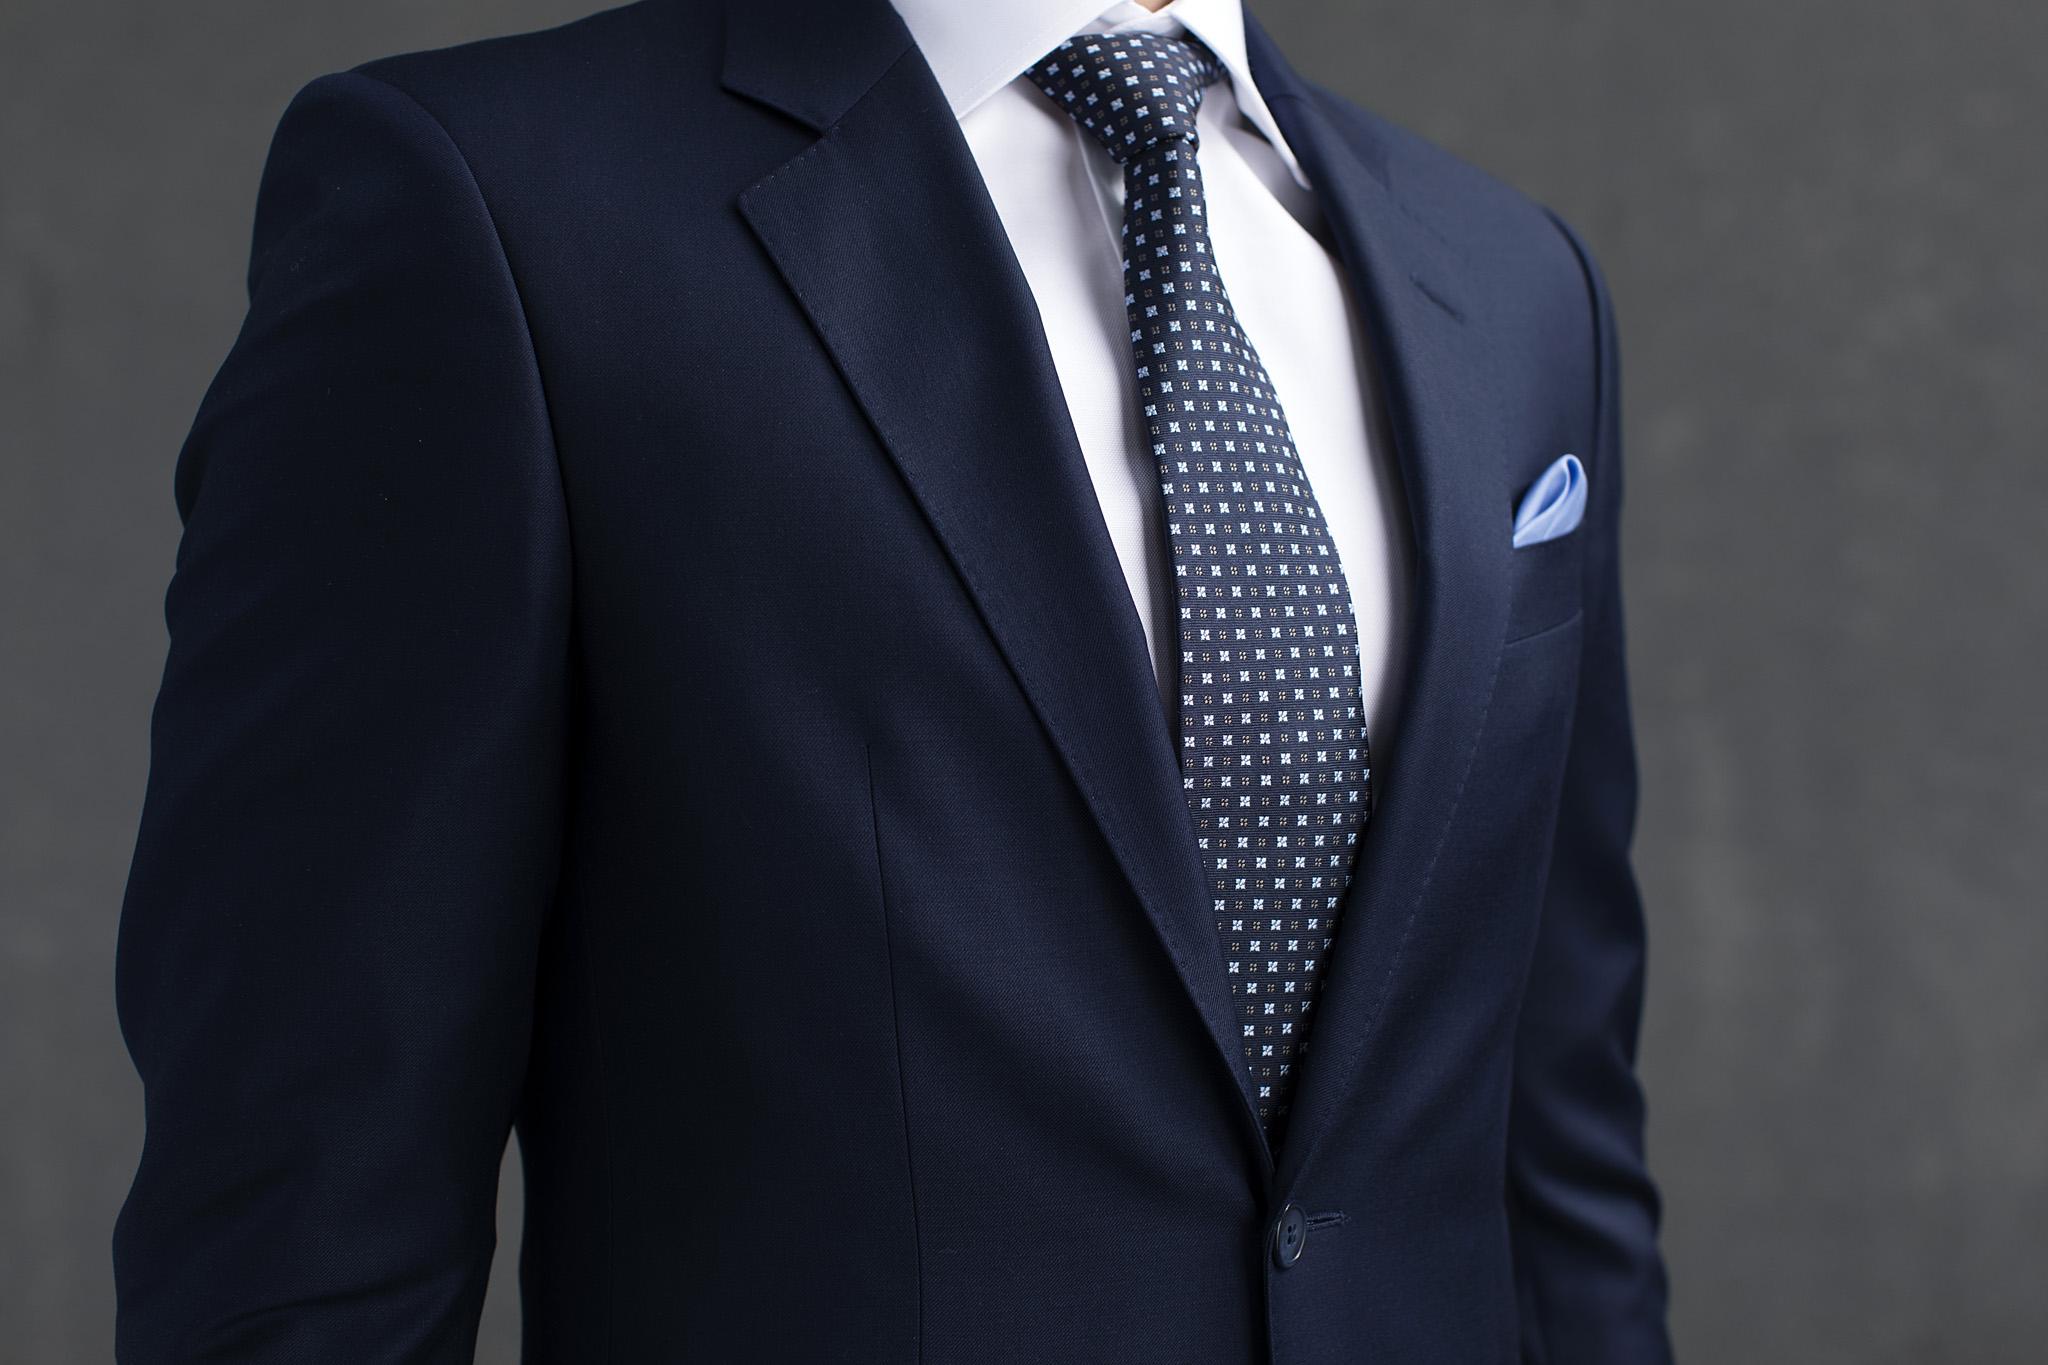 Mørk blå ensfarget dress til bryllup, jobb eller andre anledninger. En populær og anvendelig dress i ren ull.